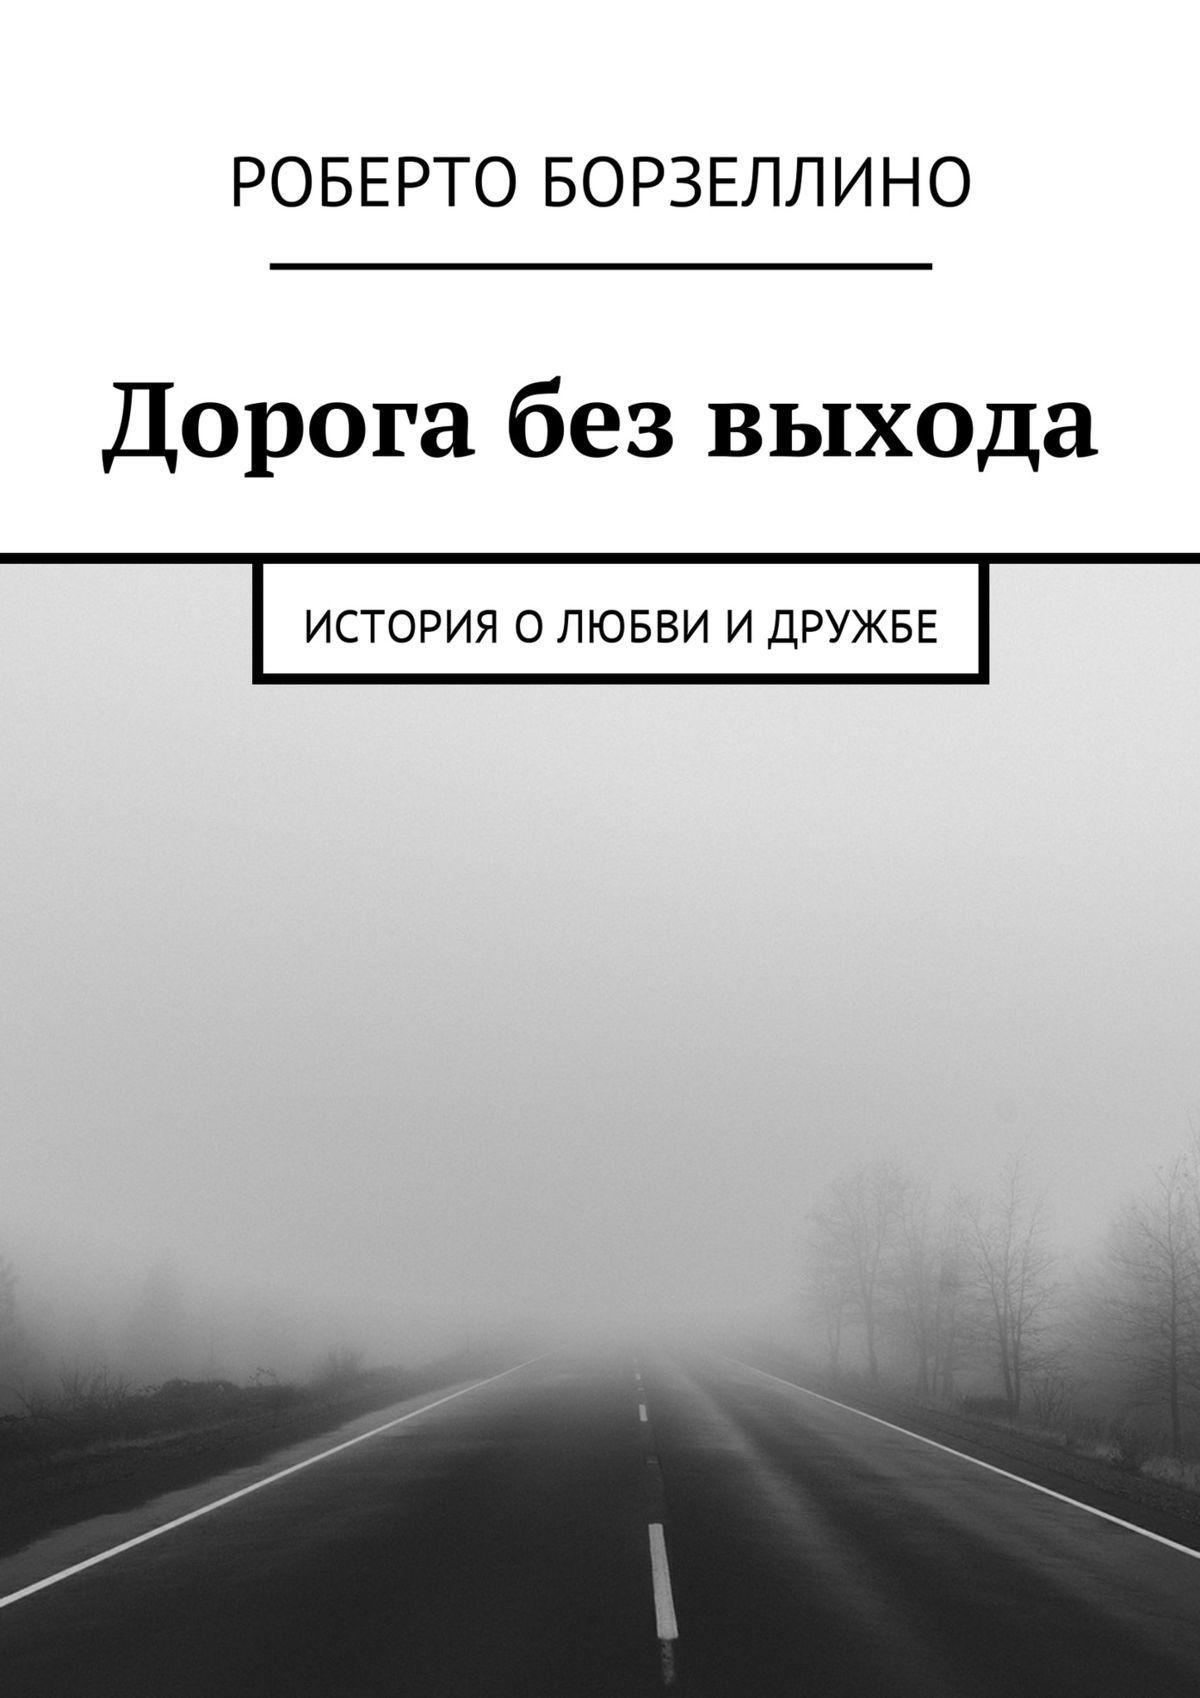 Роберто Борзеллино - Дорога без выхода. История олюбви идружбе